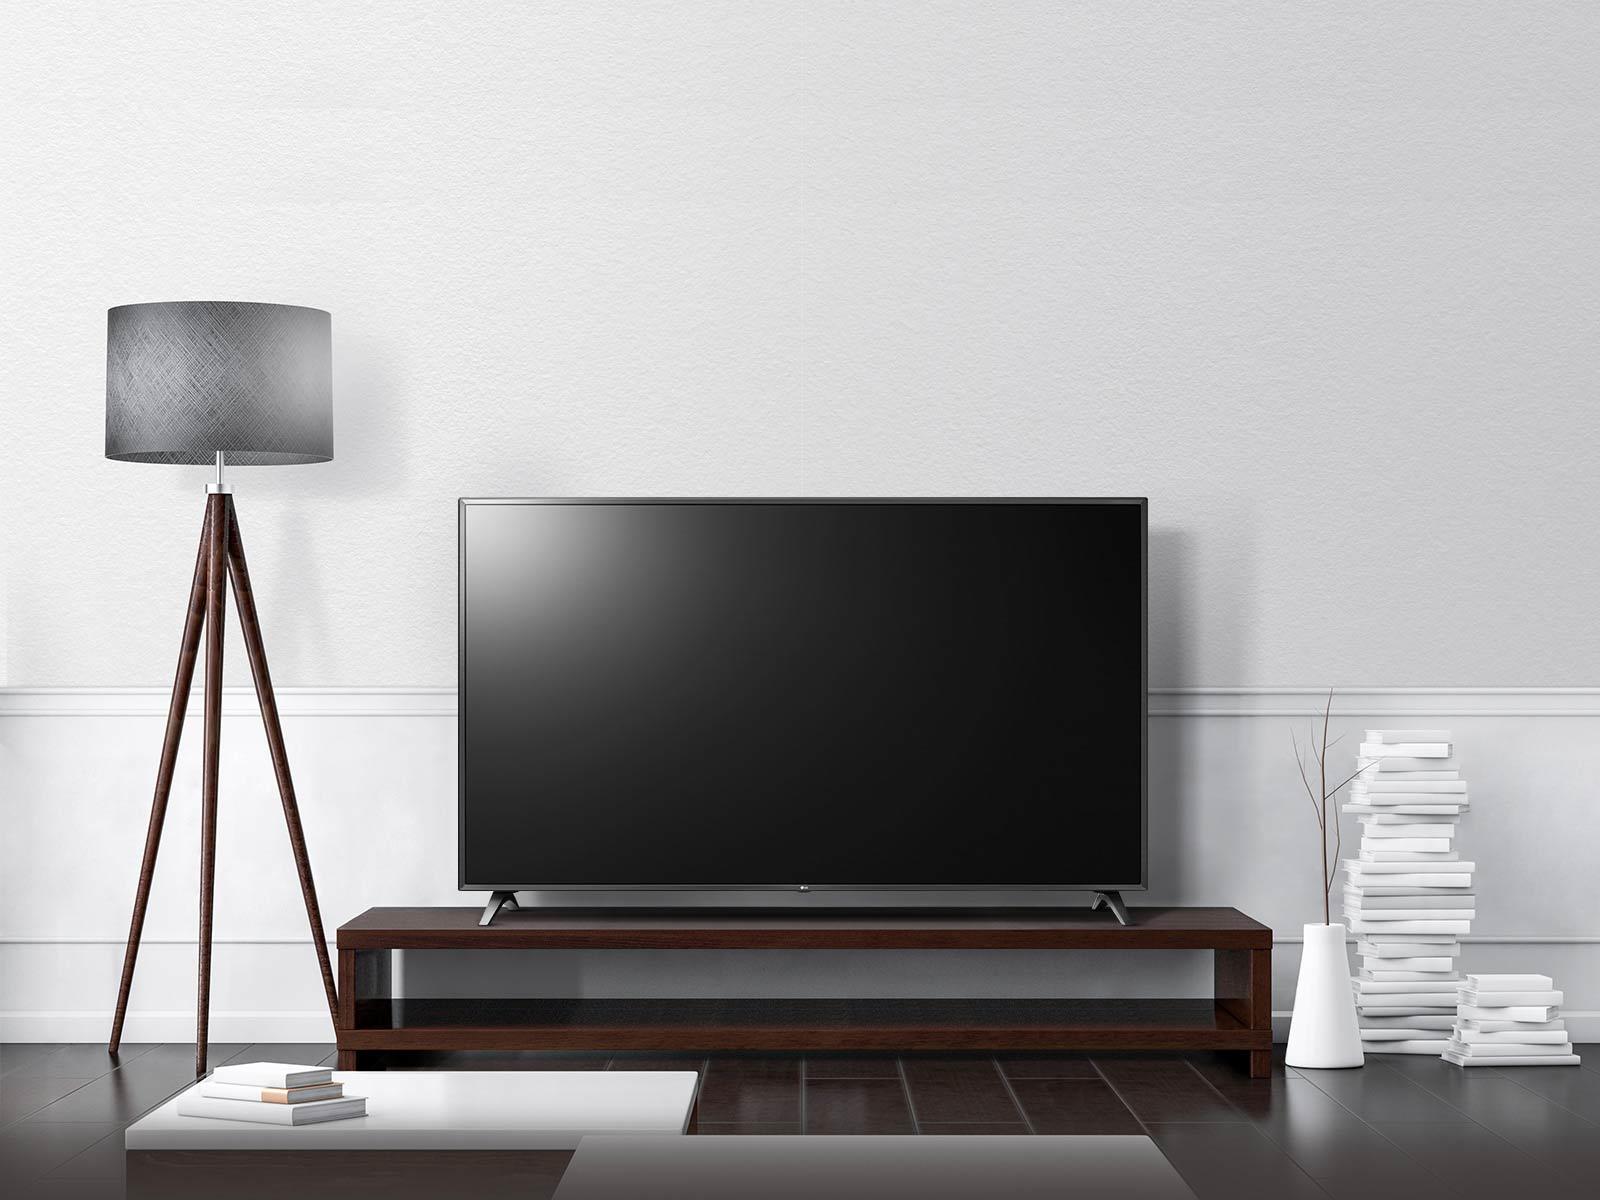 تلویزیون49 اینچ 4k ال جی مدل UM7340_ال جی 49 اینچ هوشمند